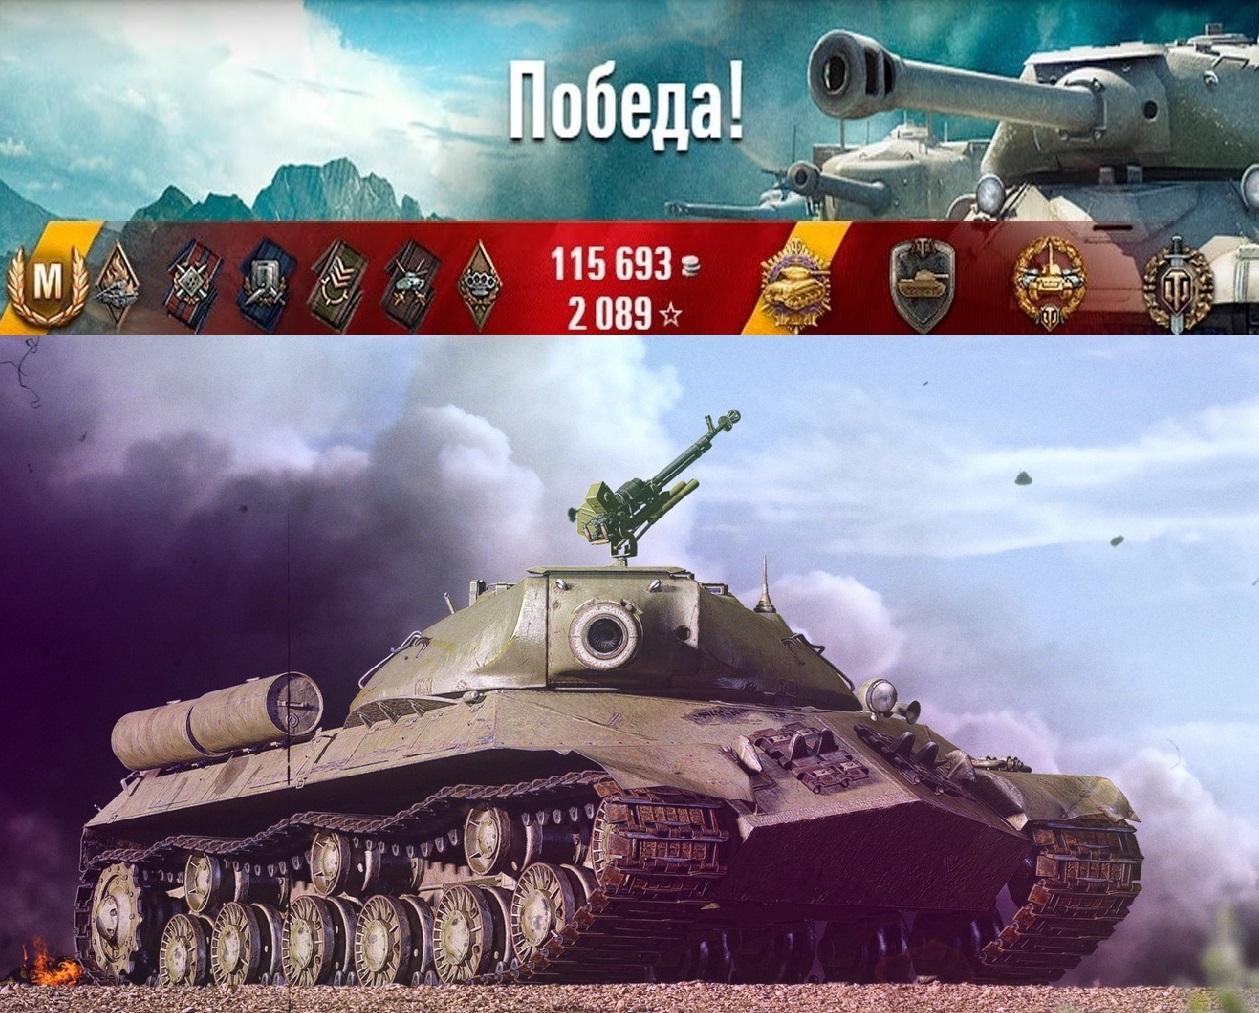 Какие танки качать, чтобы побеждать? 8 уровень🔝 3 Часть